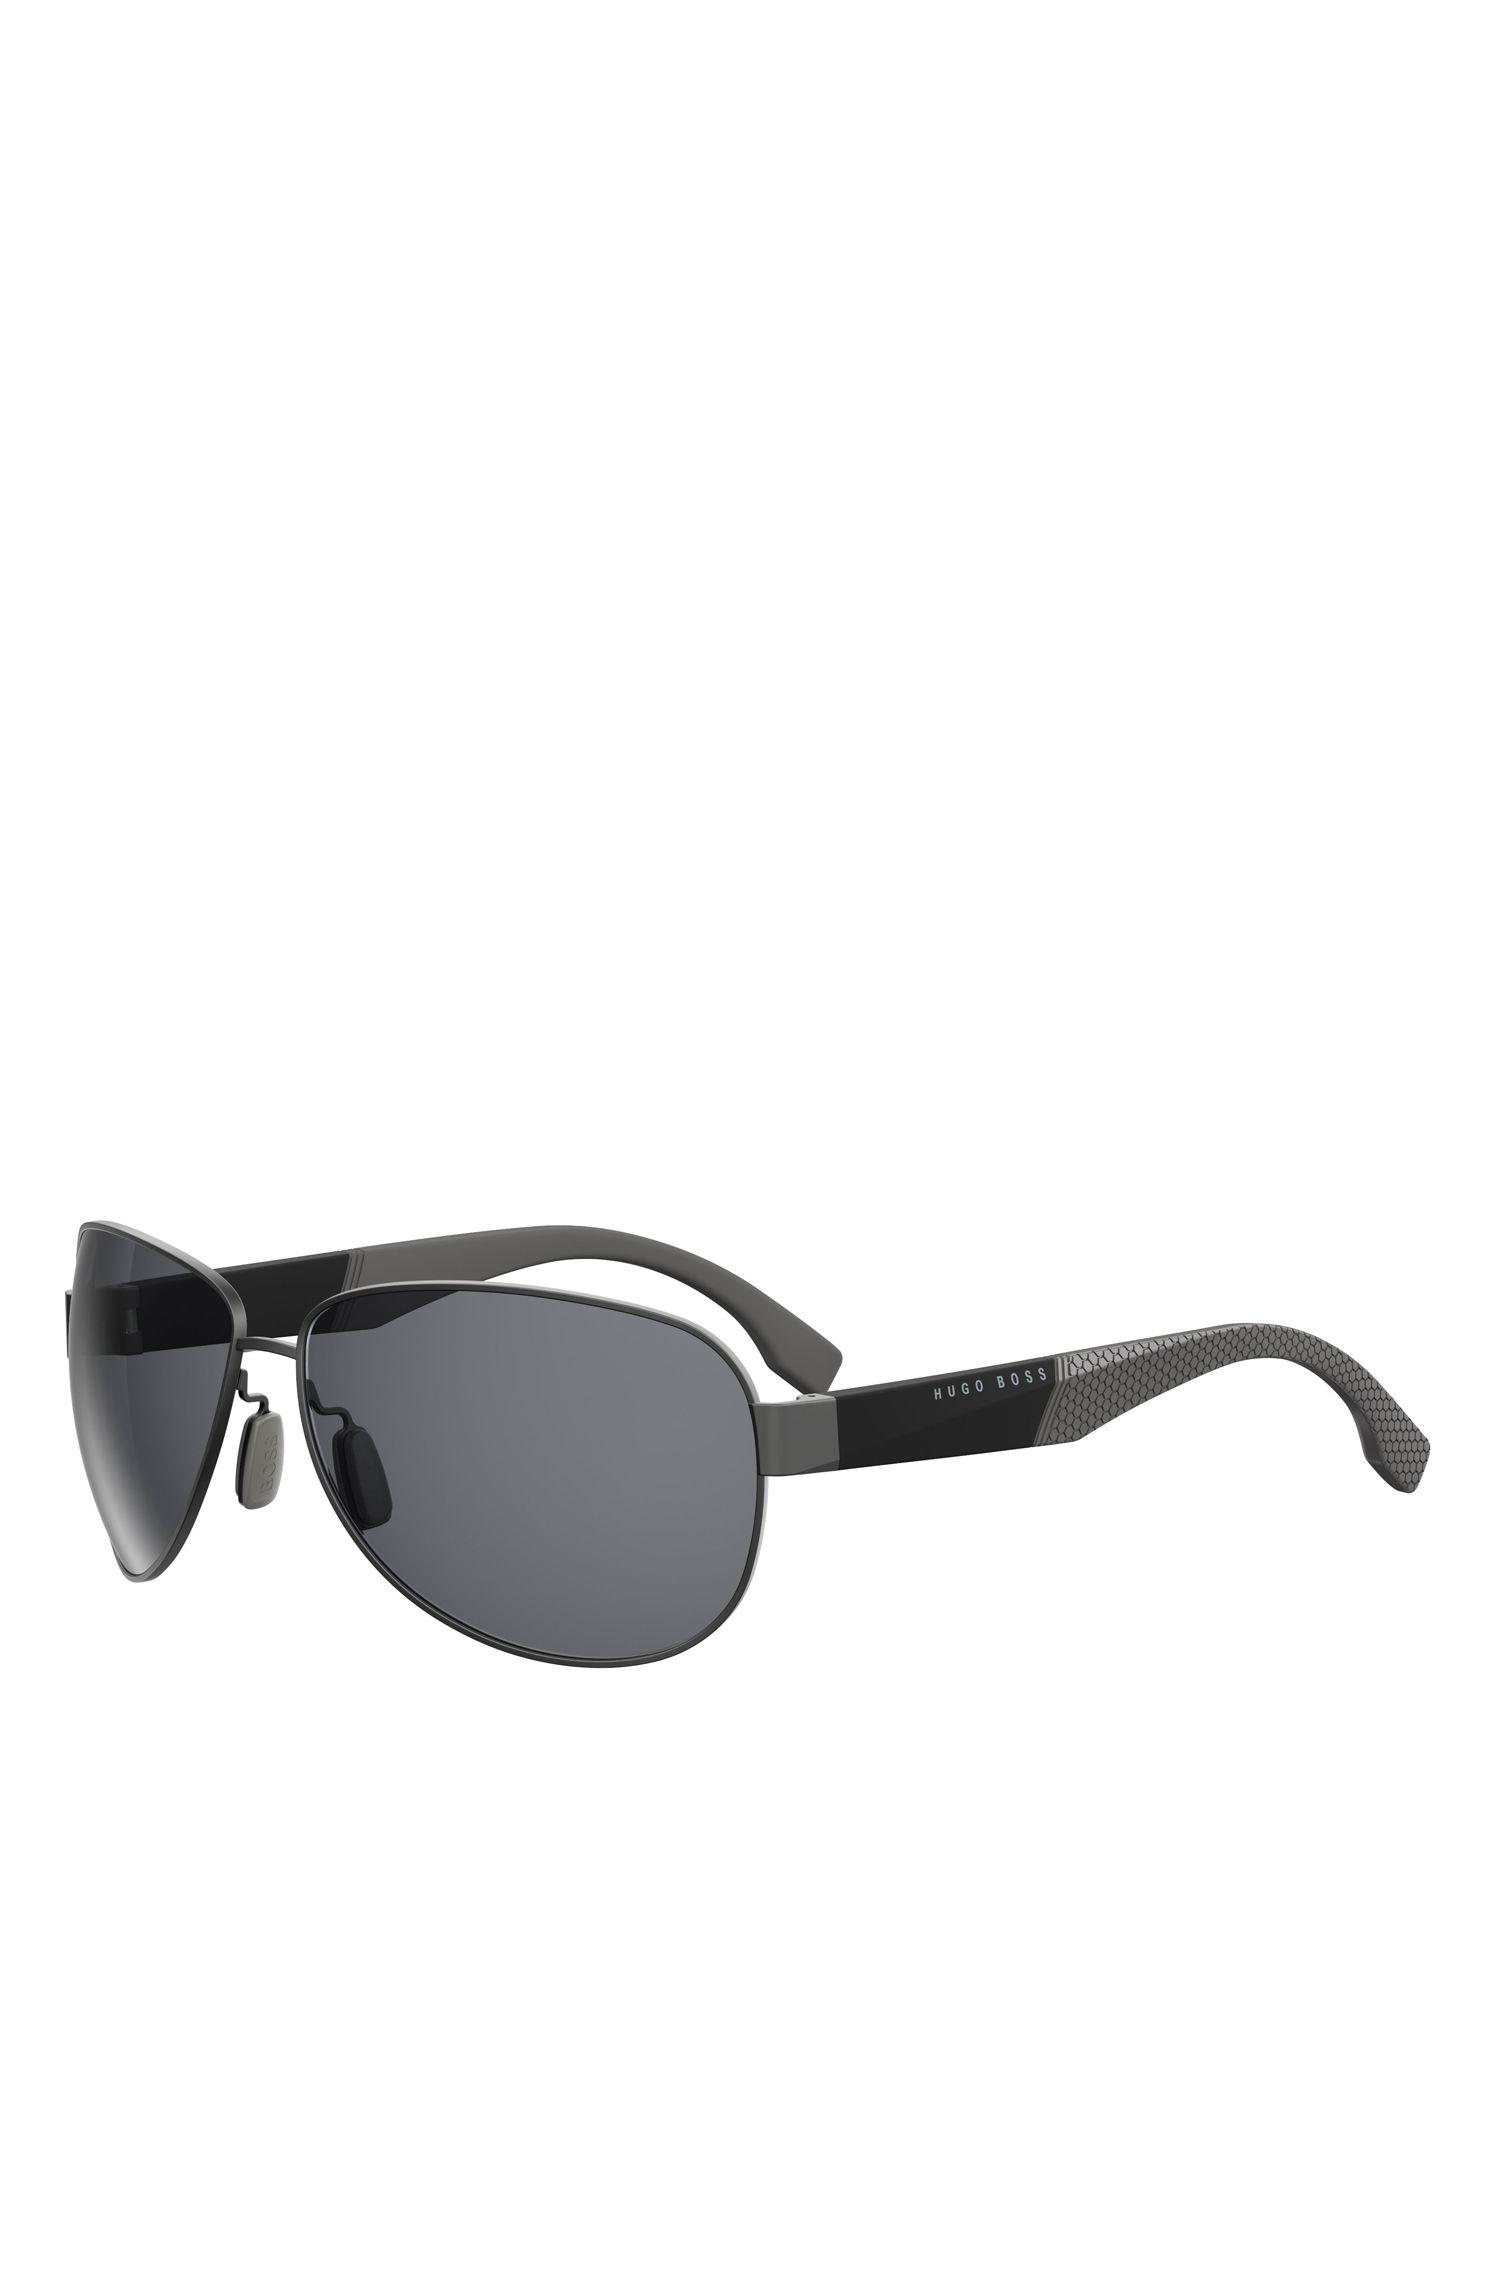 Black Aviator Sunglasses | BOSS 0915/S